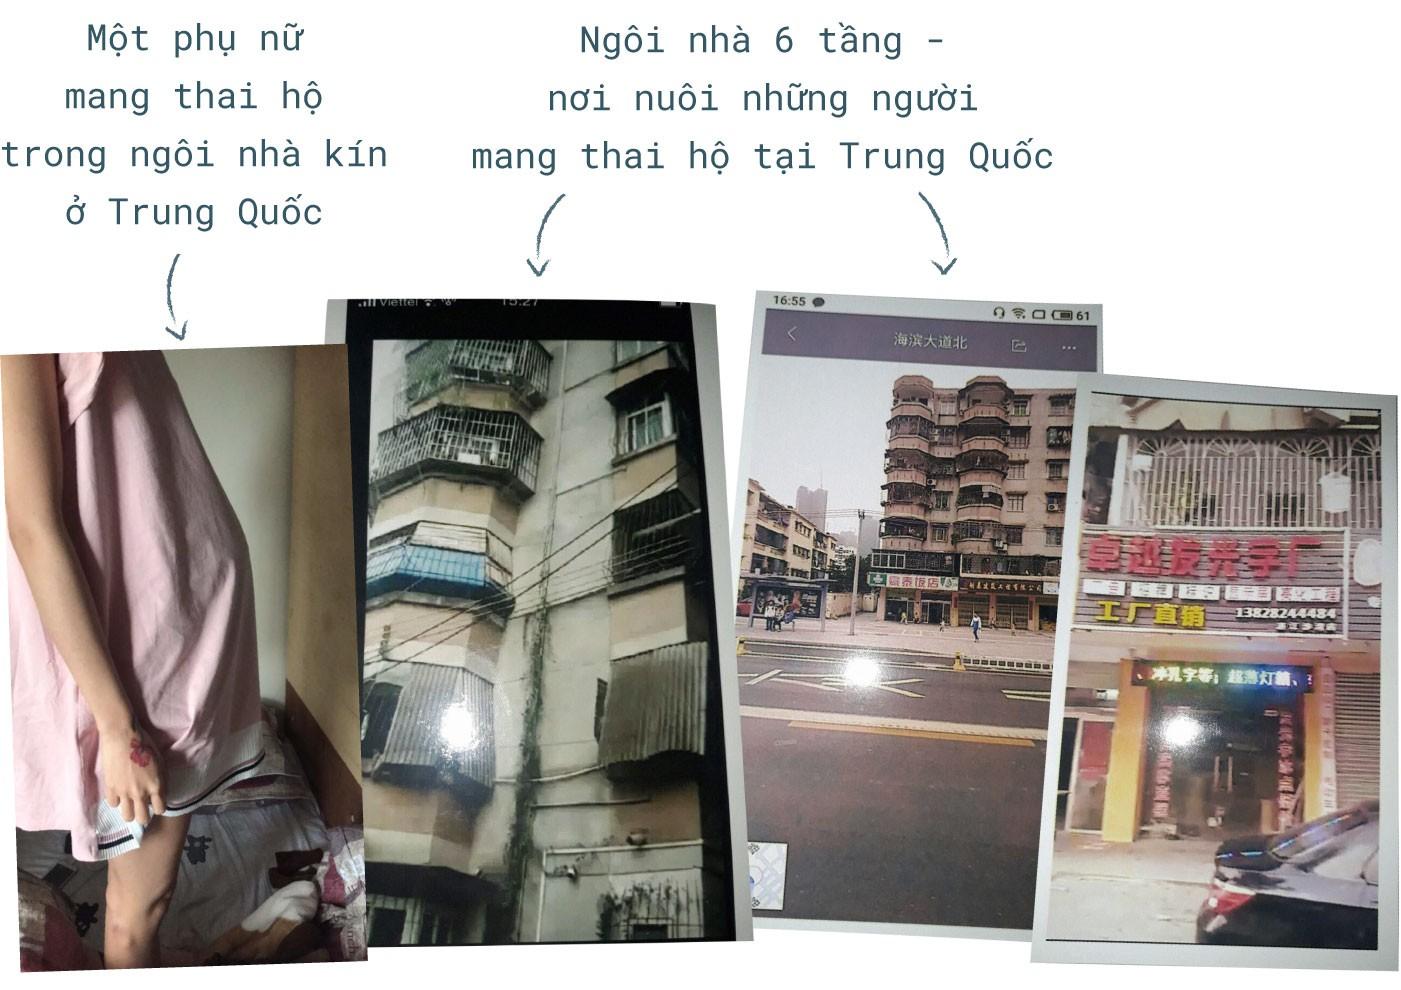 Phóng viên Nguyễn Ngân và 3 tháng nhập vai phụ nữ mang thai hộ - Ảnh 16.